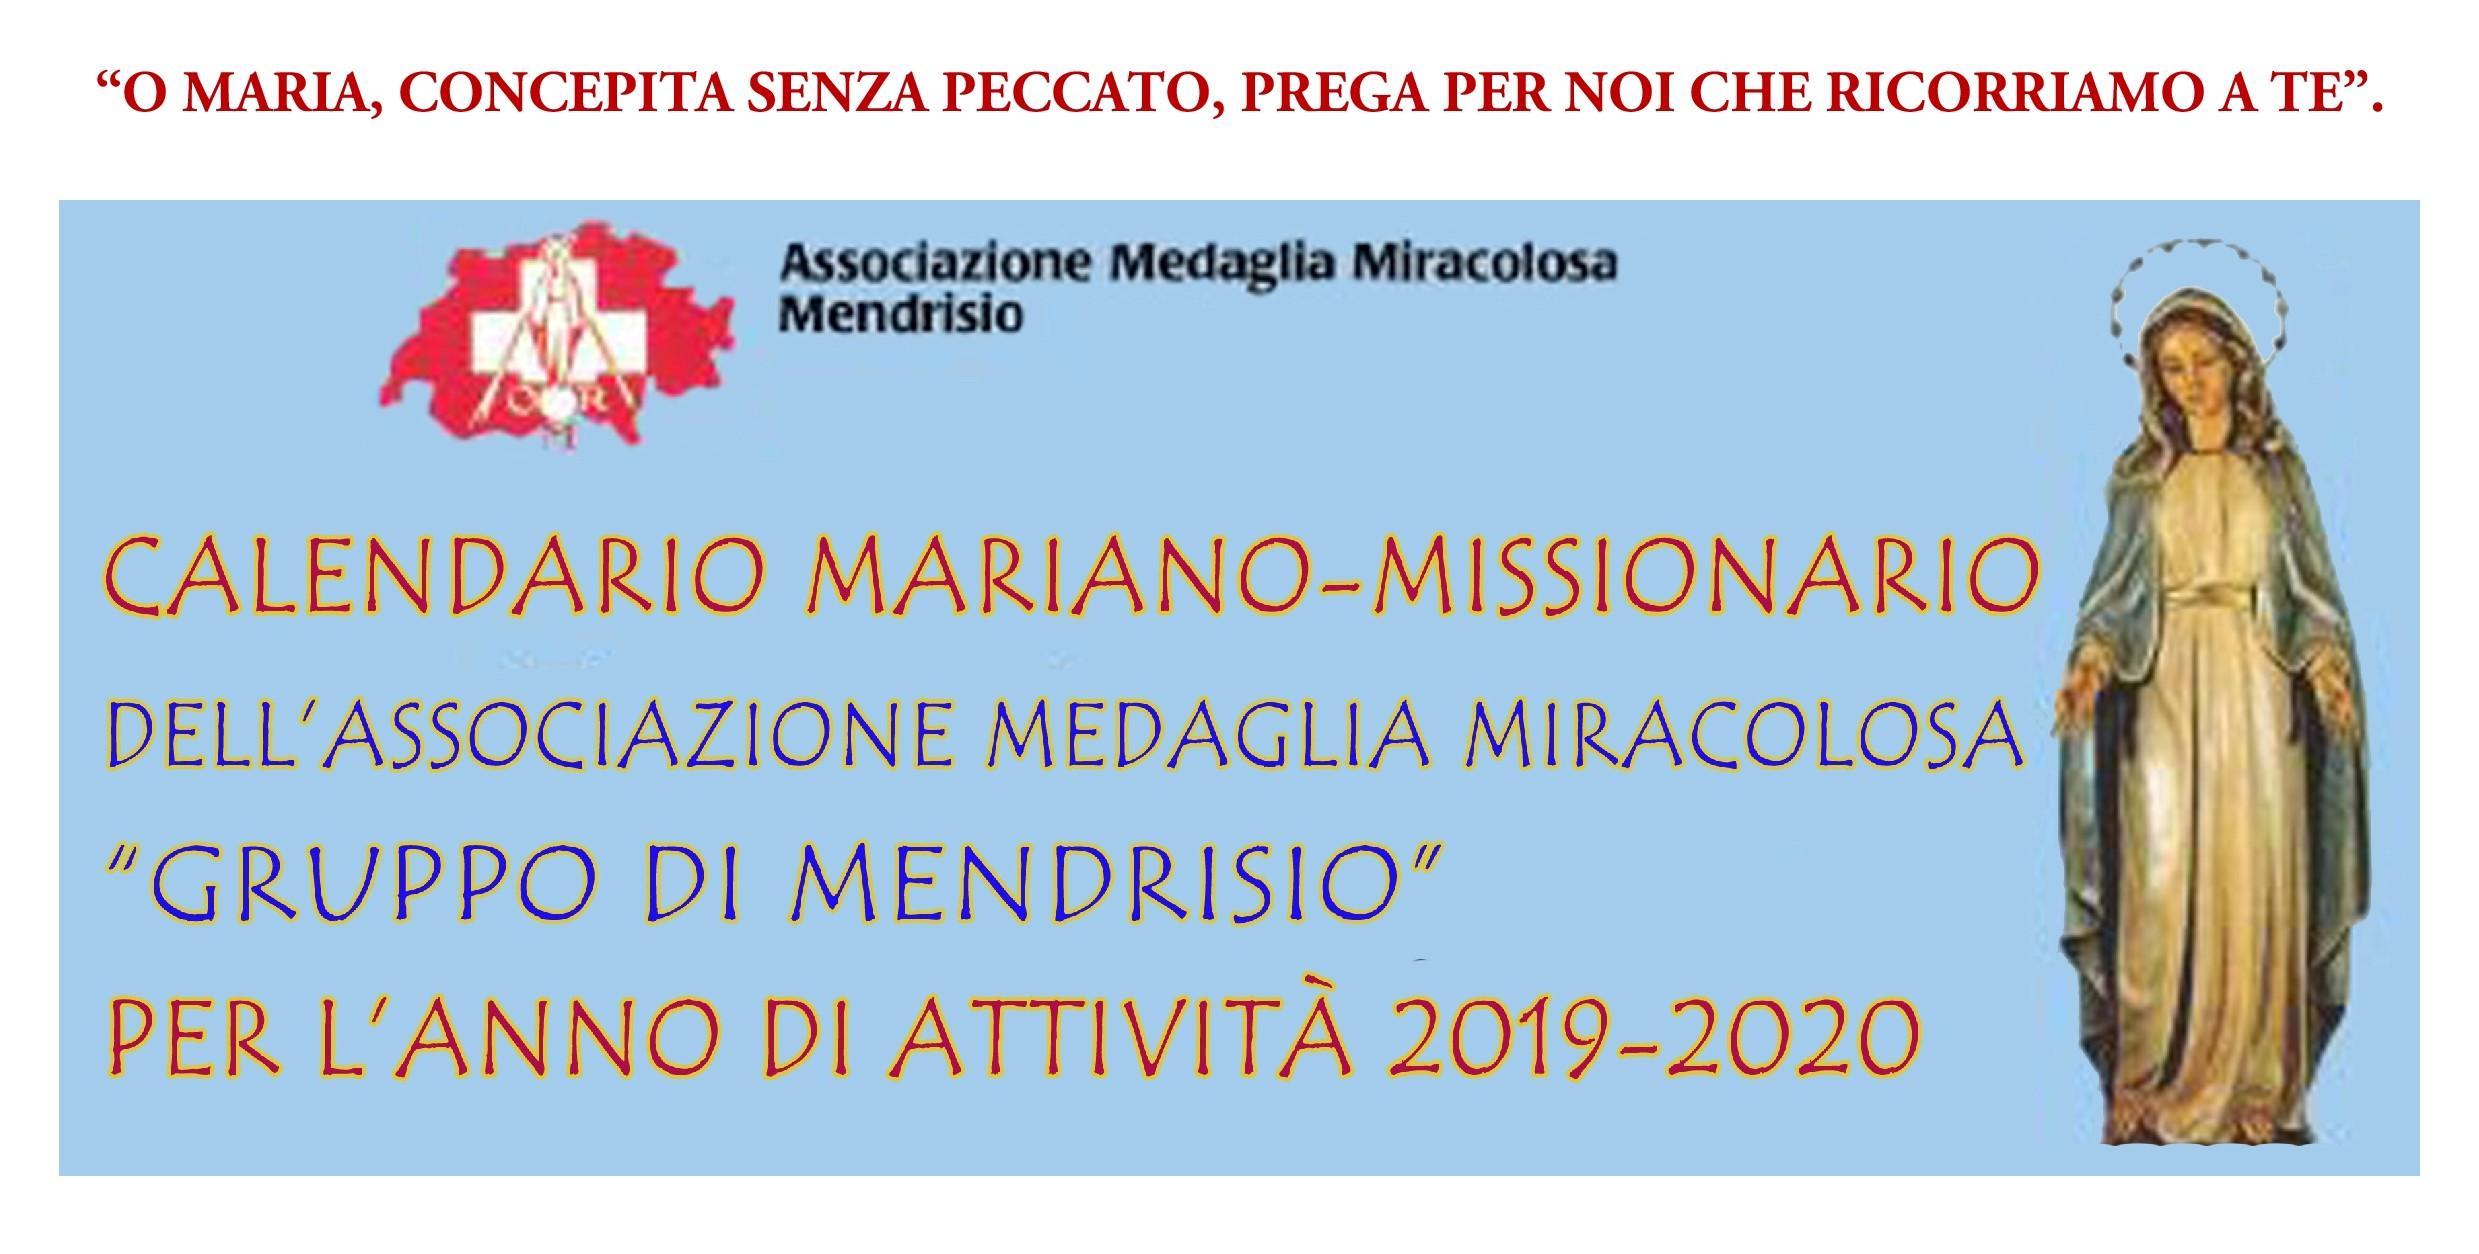 Calendario annuale 2019-2020-001_01